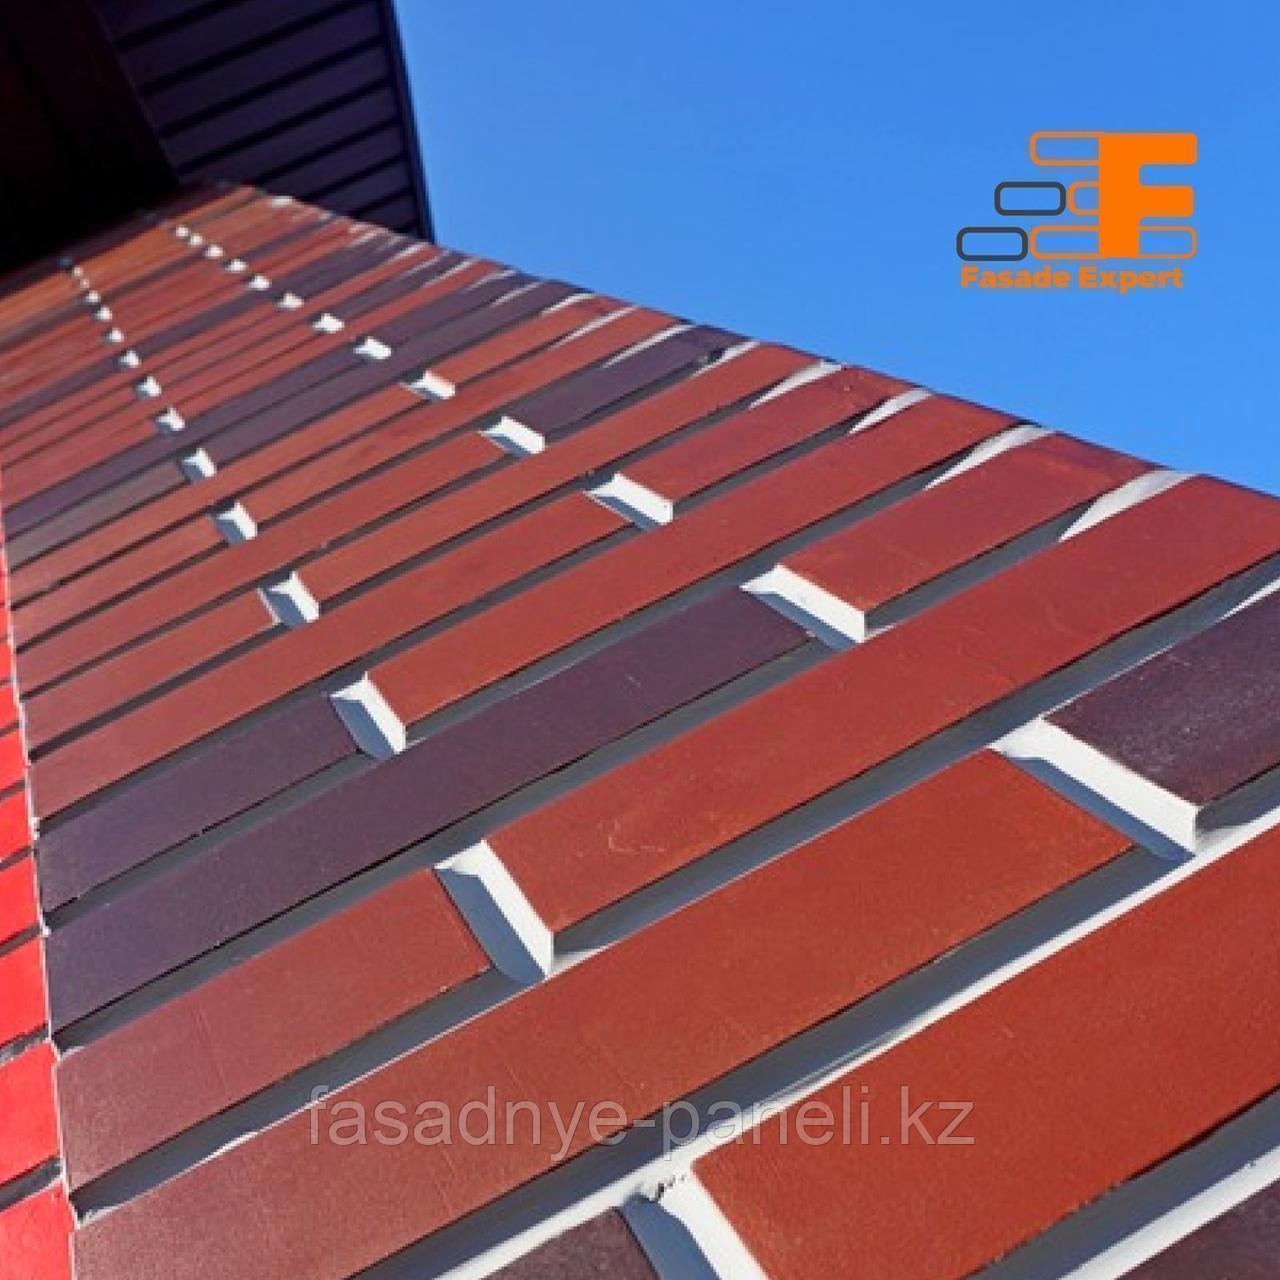 Фасадные панели для коттеджей с утеплителем 30-50 мм - фото 6